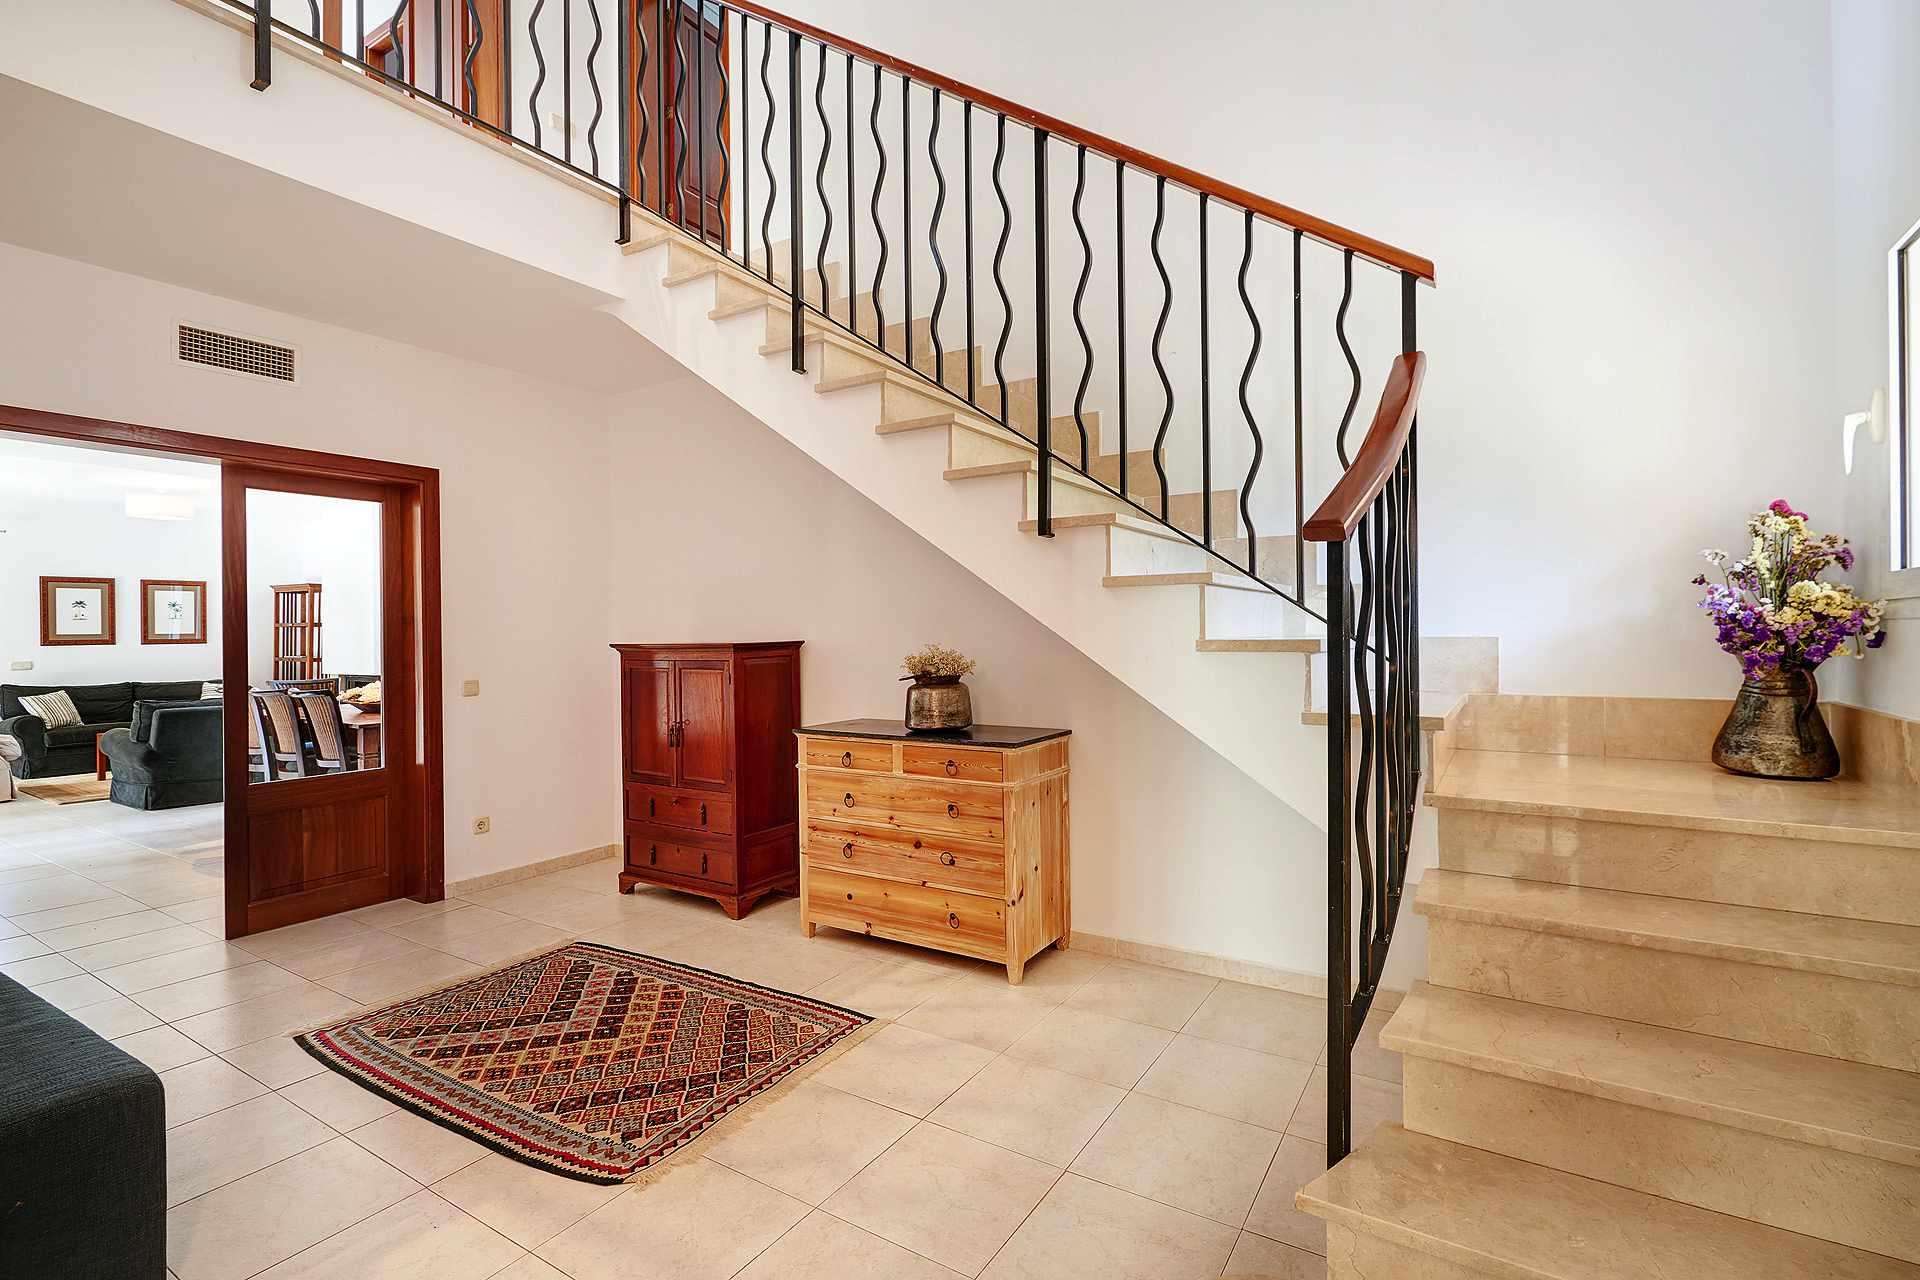 01-49 luxuriöses Chalet Nordosten Mallorca Bild 7